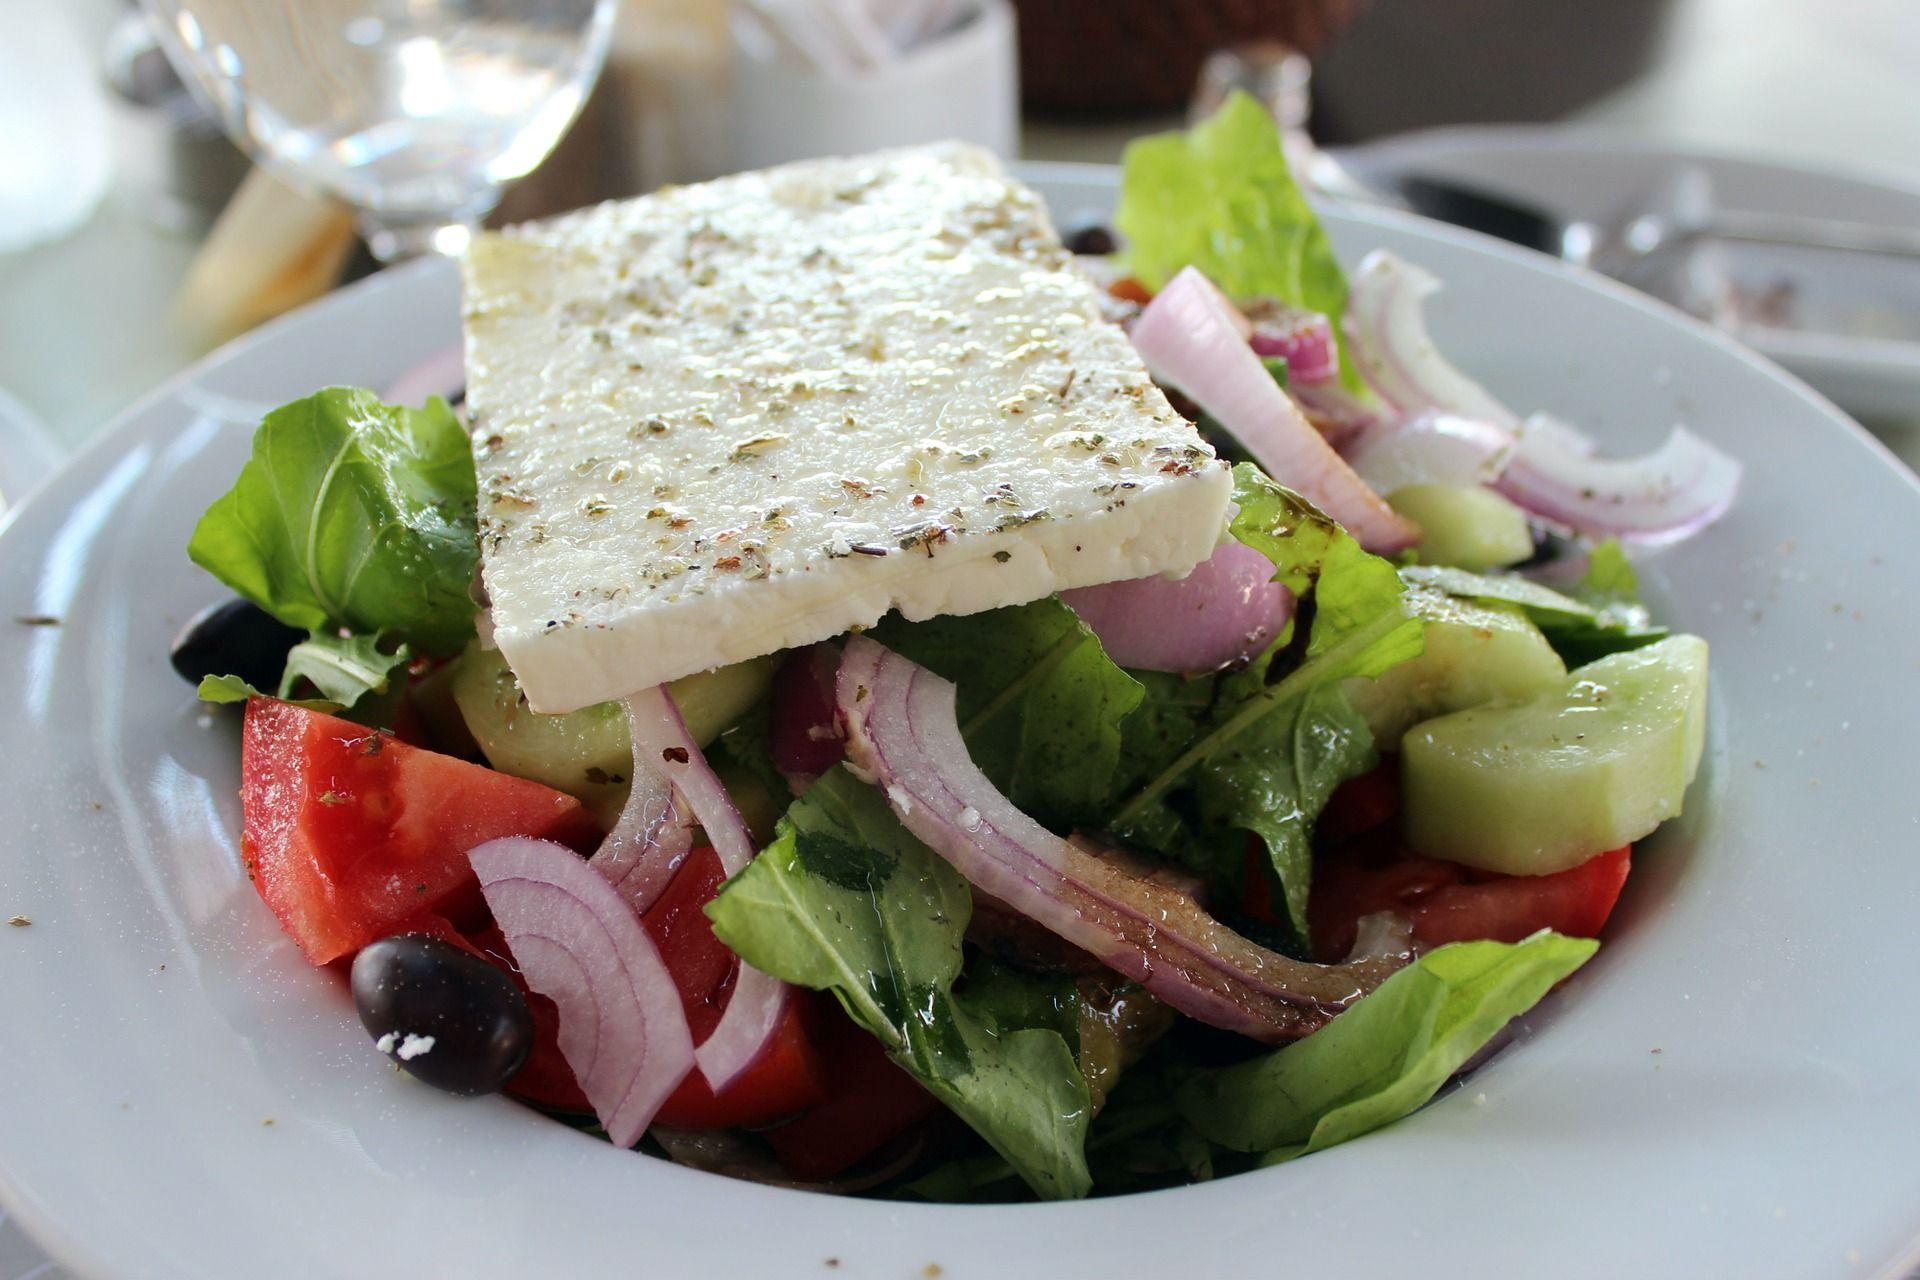 χωριάτικη σαλάτα: La importancia de una ensalada griega en mi ...